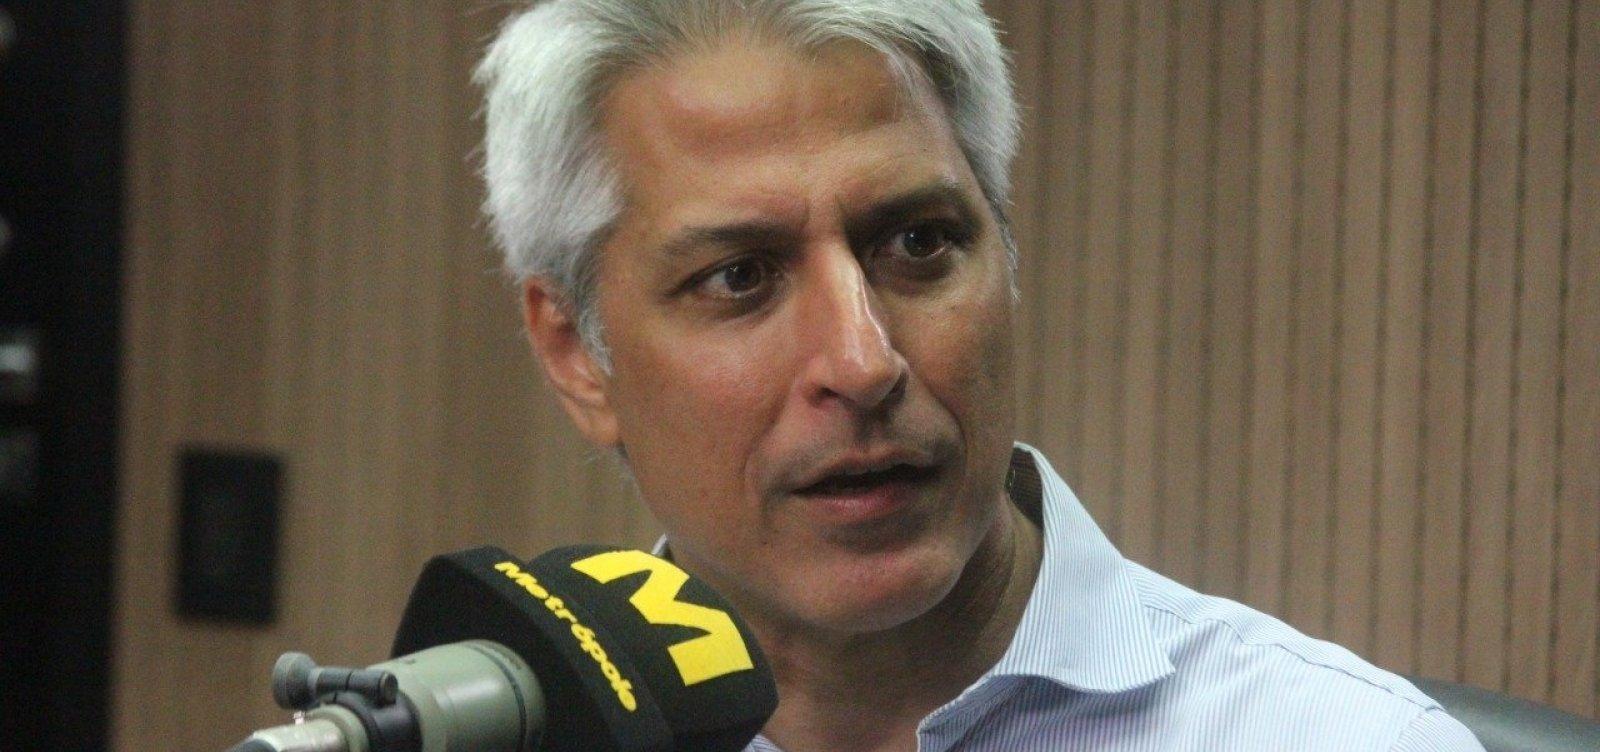 [Alessandro Molon diz que ministro Ricardo Salles 'não está utilizando sua inteligência para o bem']